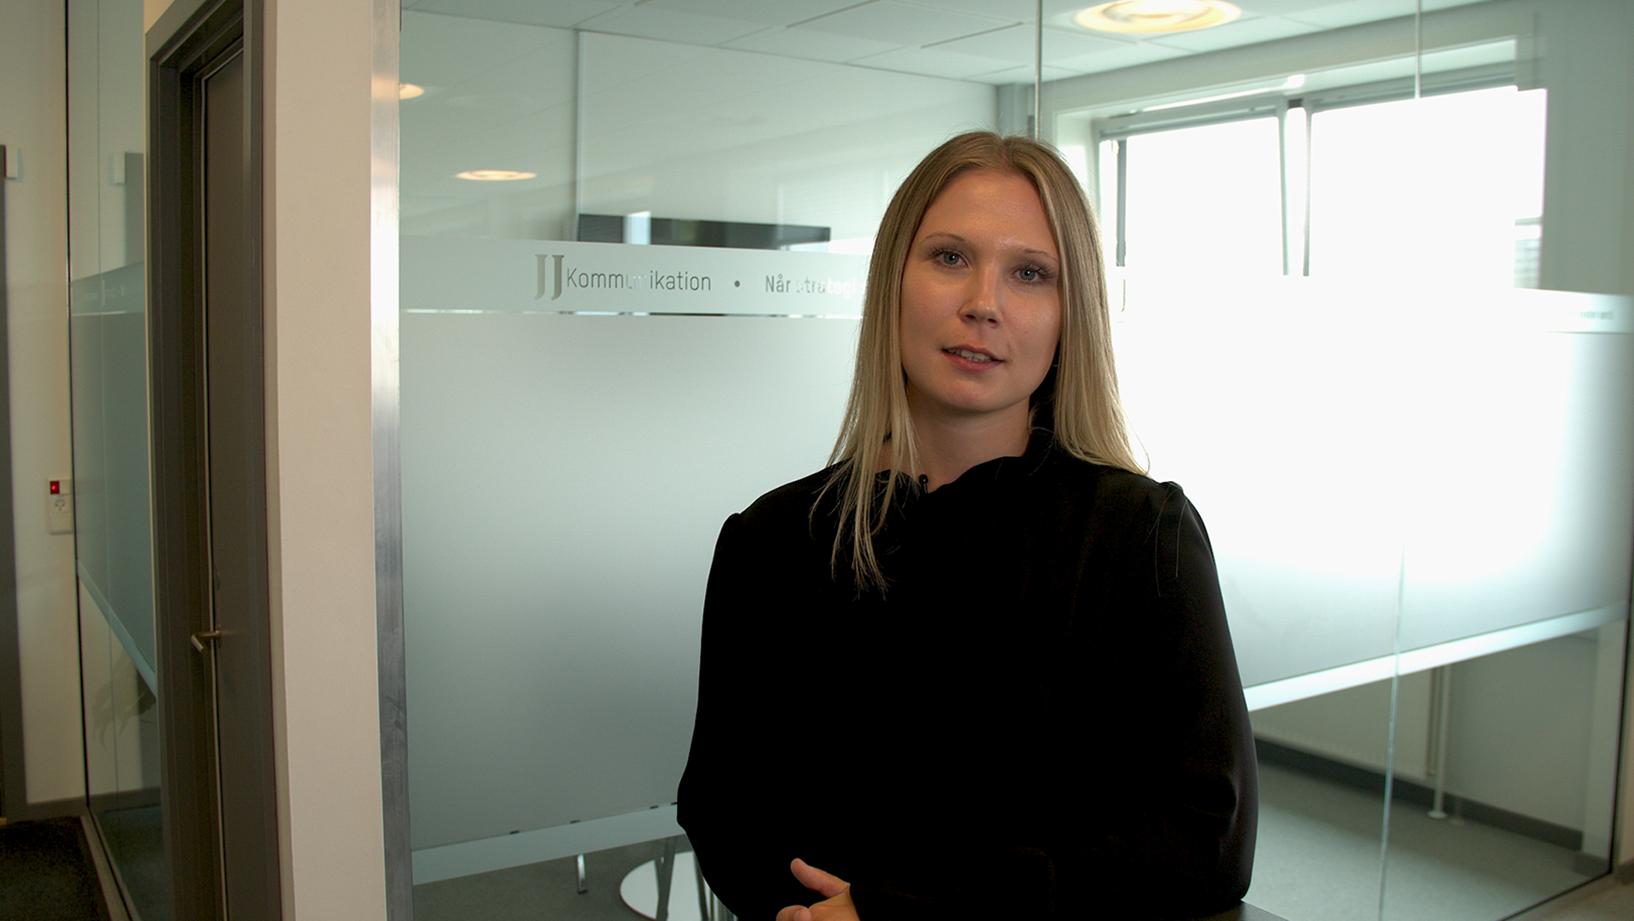 3 fordele ved video marketing i 2019 - JJ Kommunikation